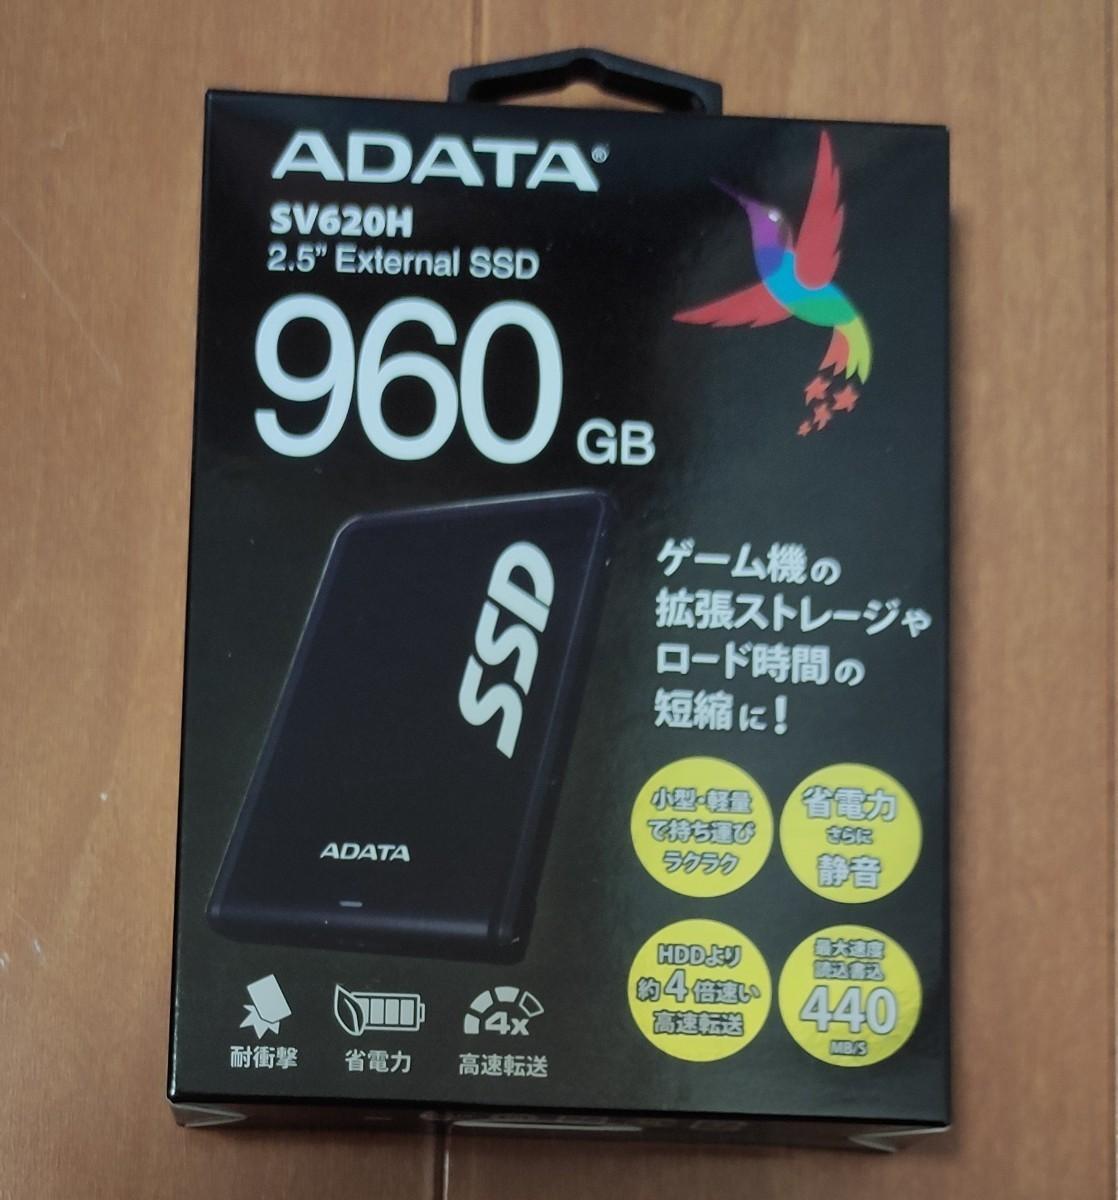 新品未開封品 960GB ポータブルSSD ADATA製